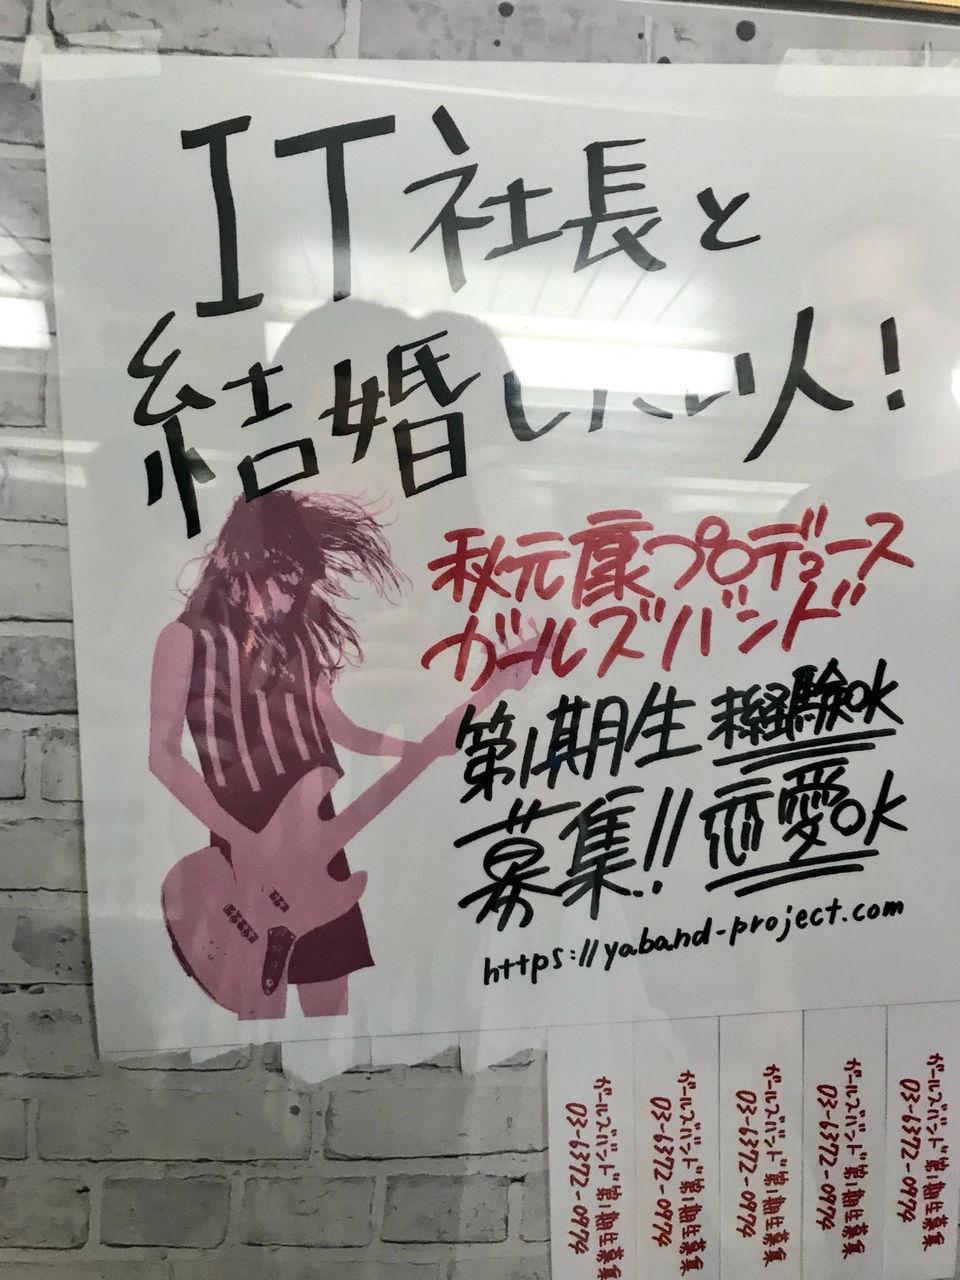 秋元康プロデュースのガールズバンド募集ポスターが完全に炎上商法wwww